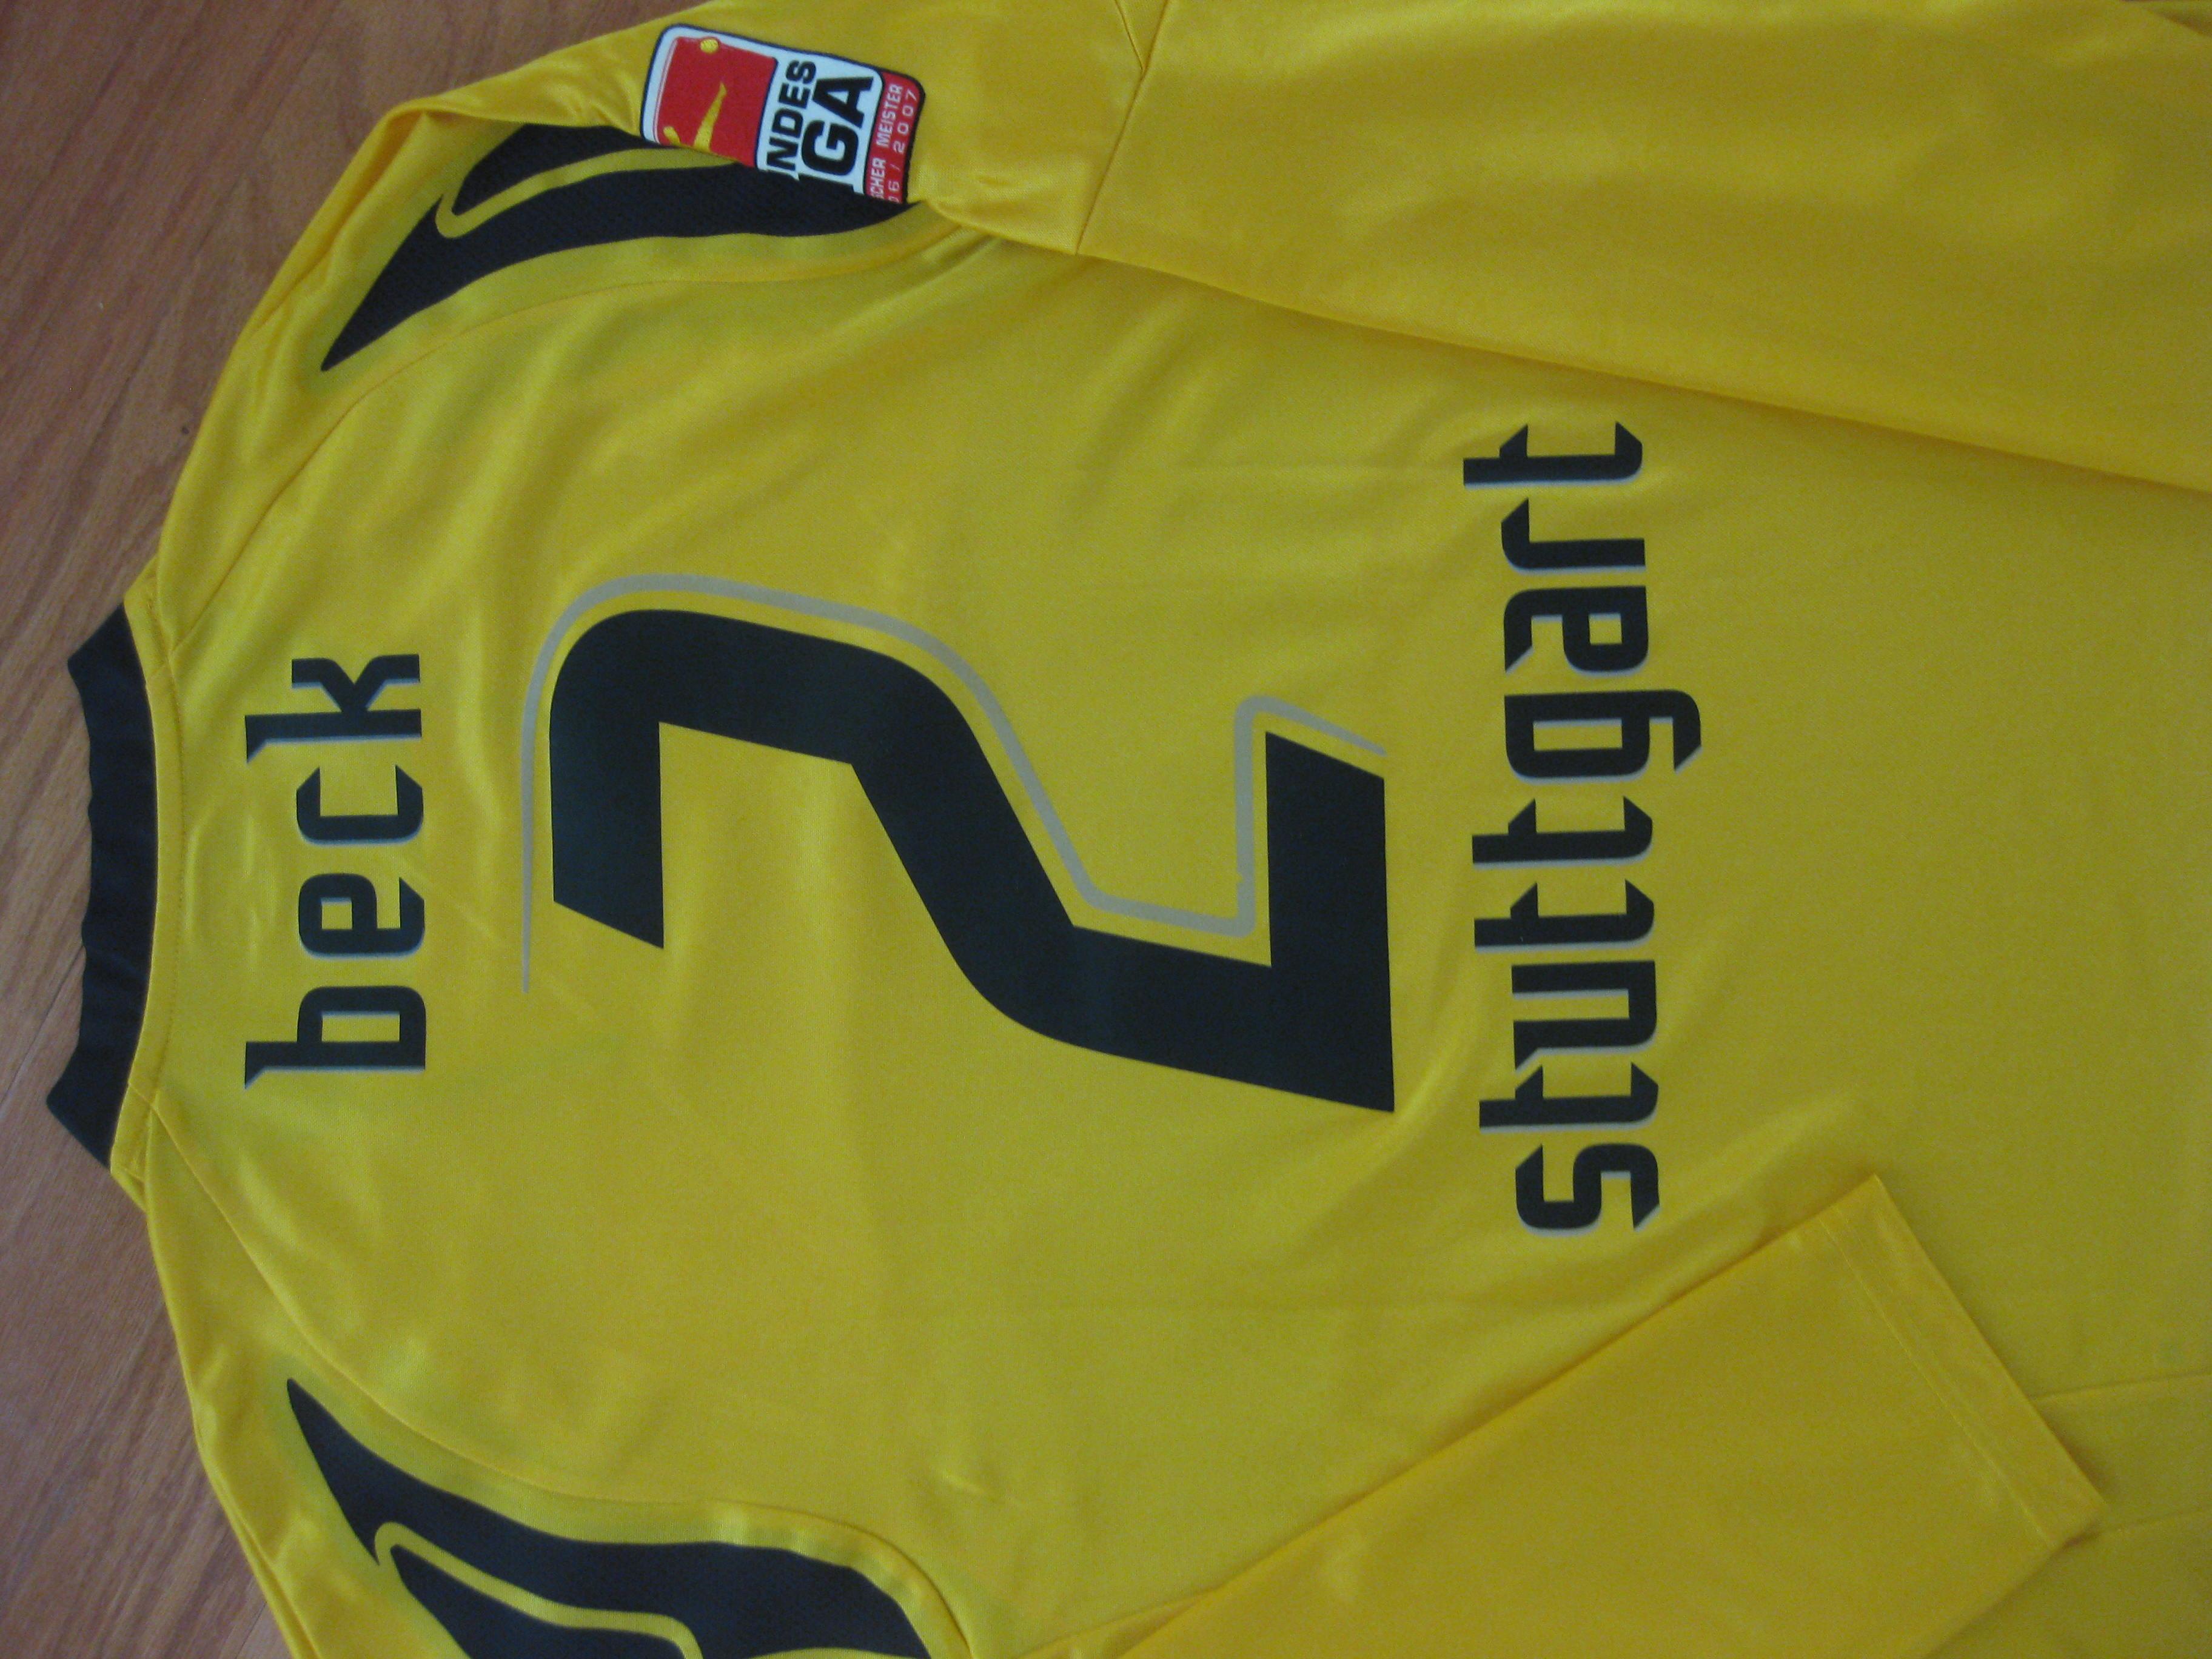 Chùm ảnh: VfB Stuttgart jersey (27)